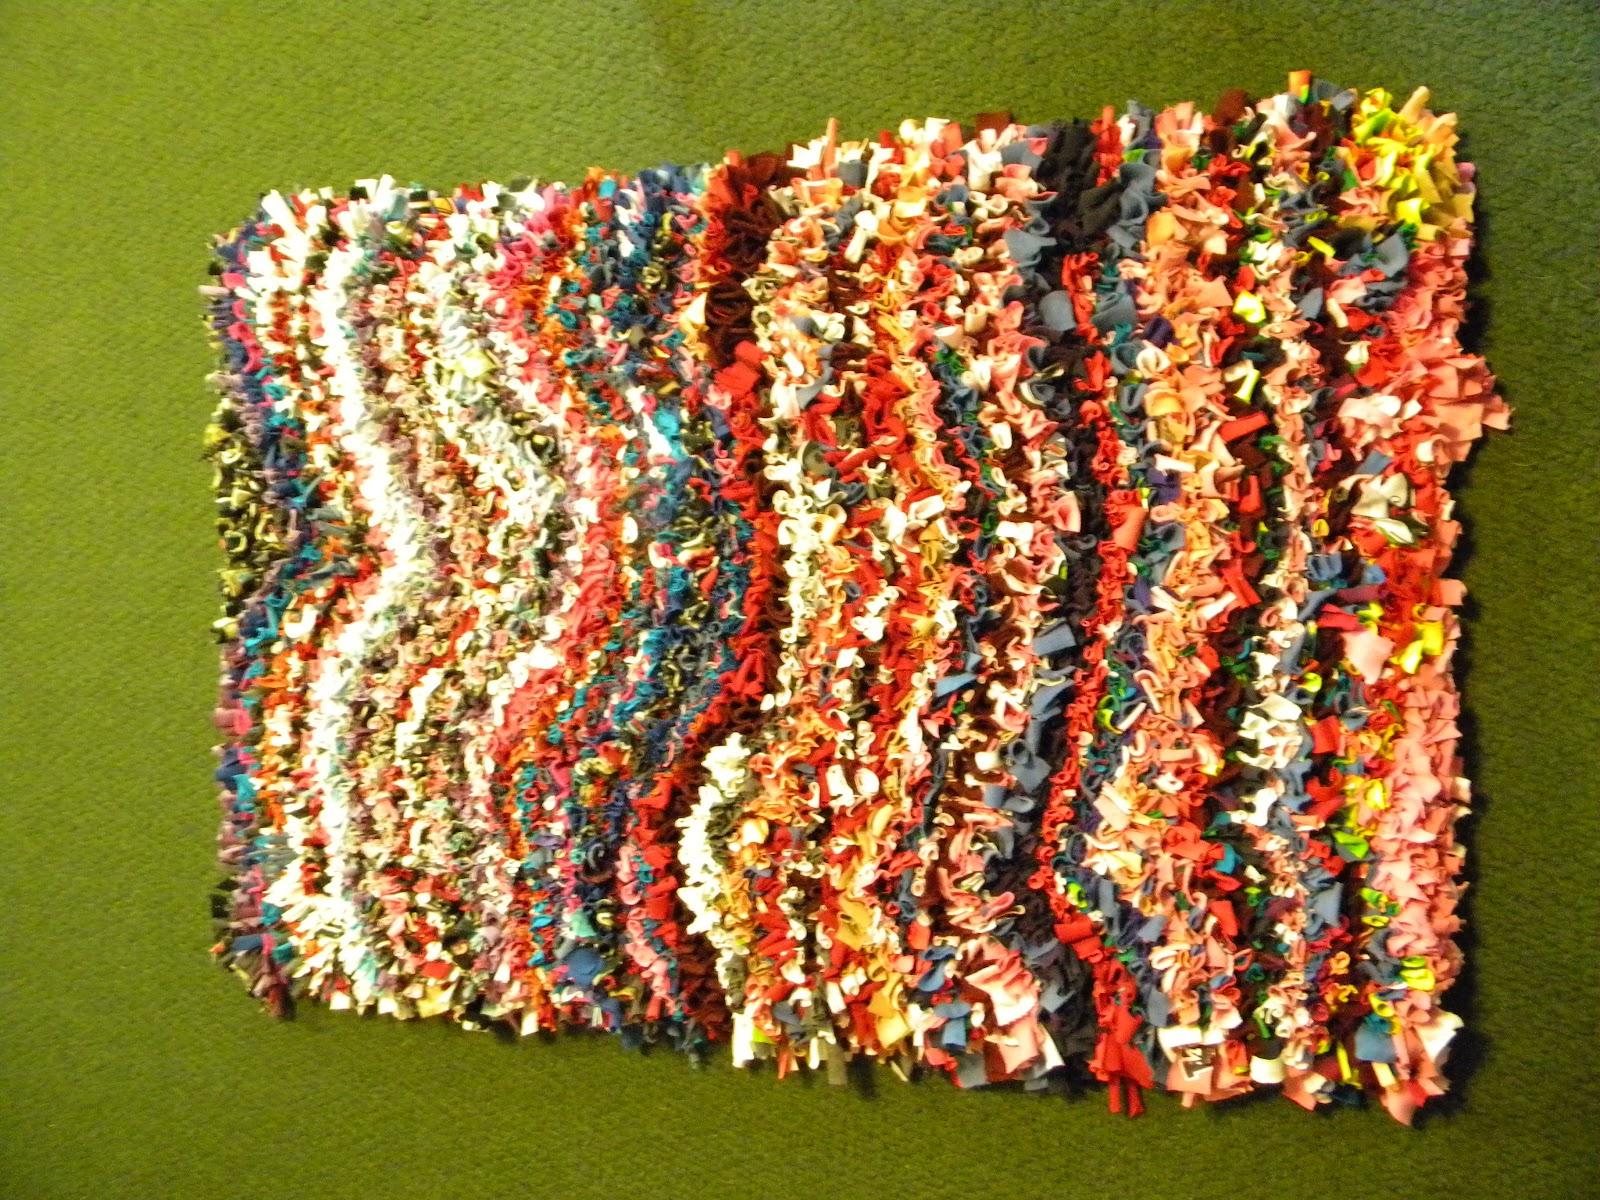 a work of art studio prodded t shirt rag rug class